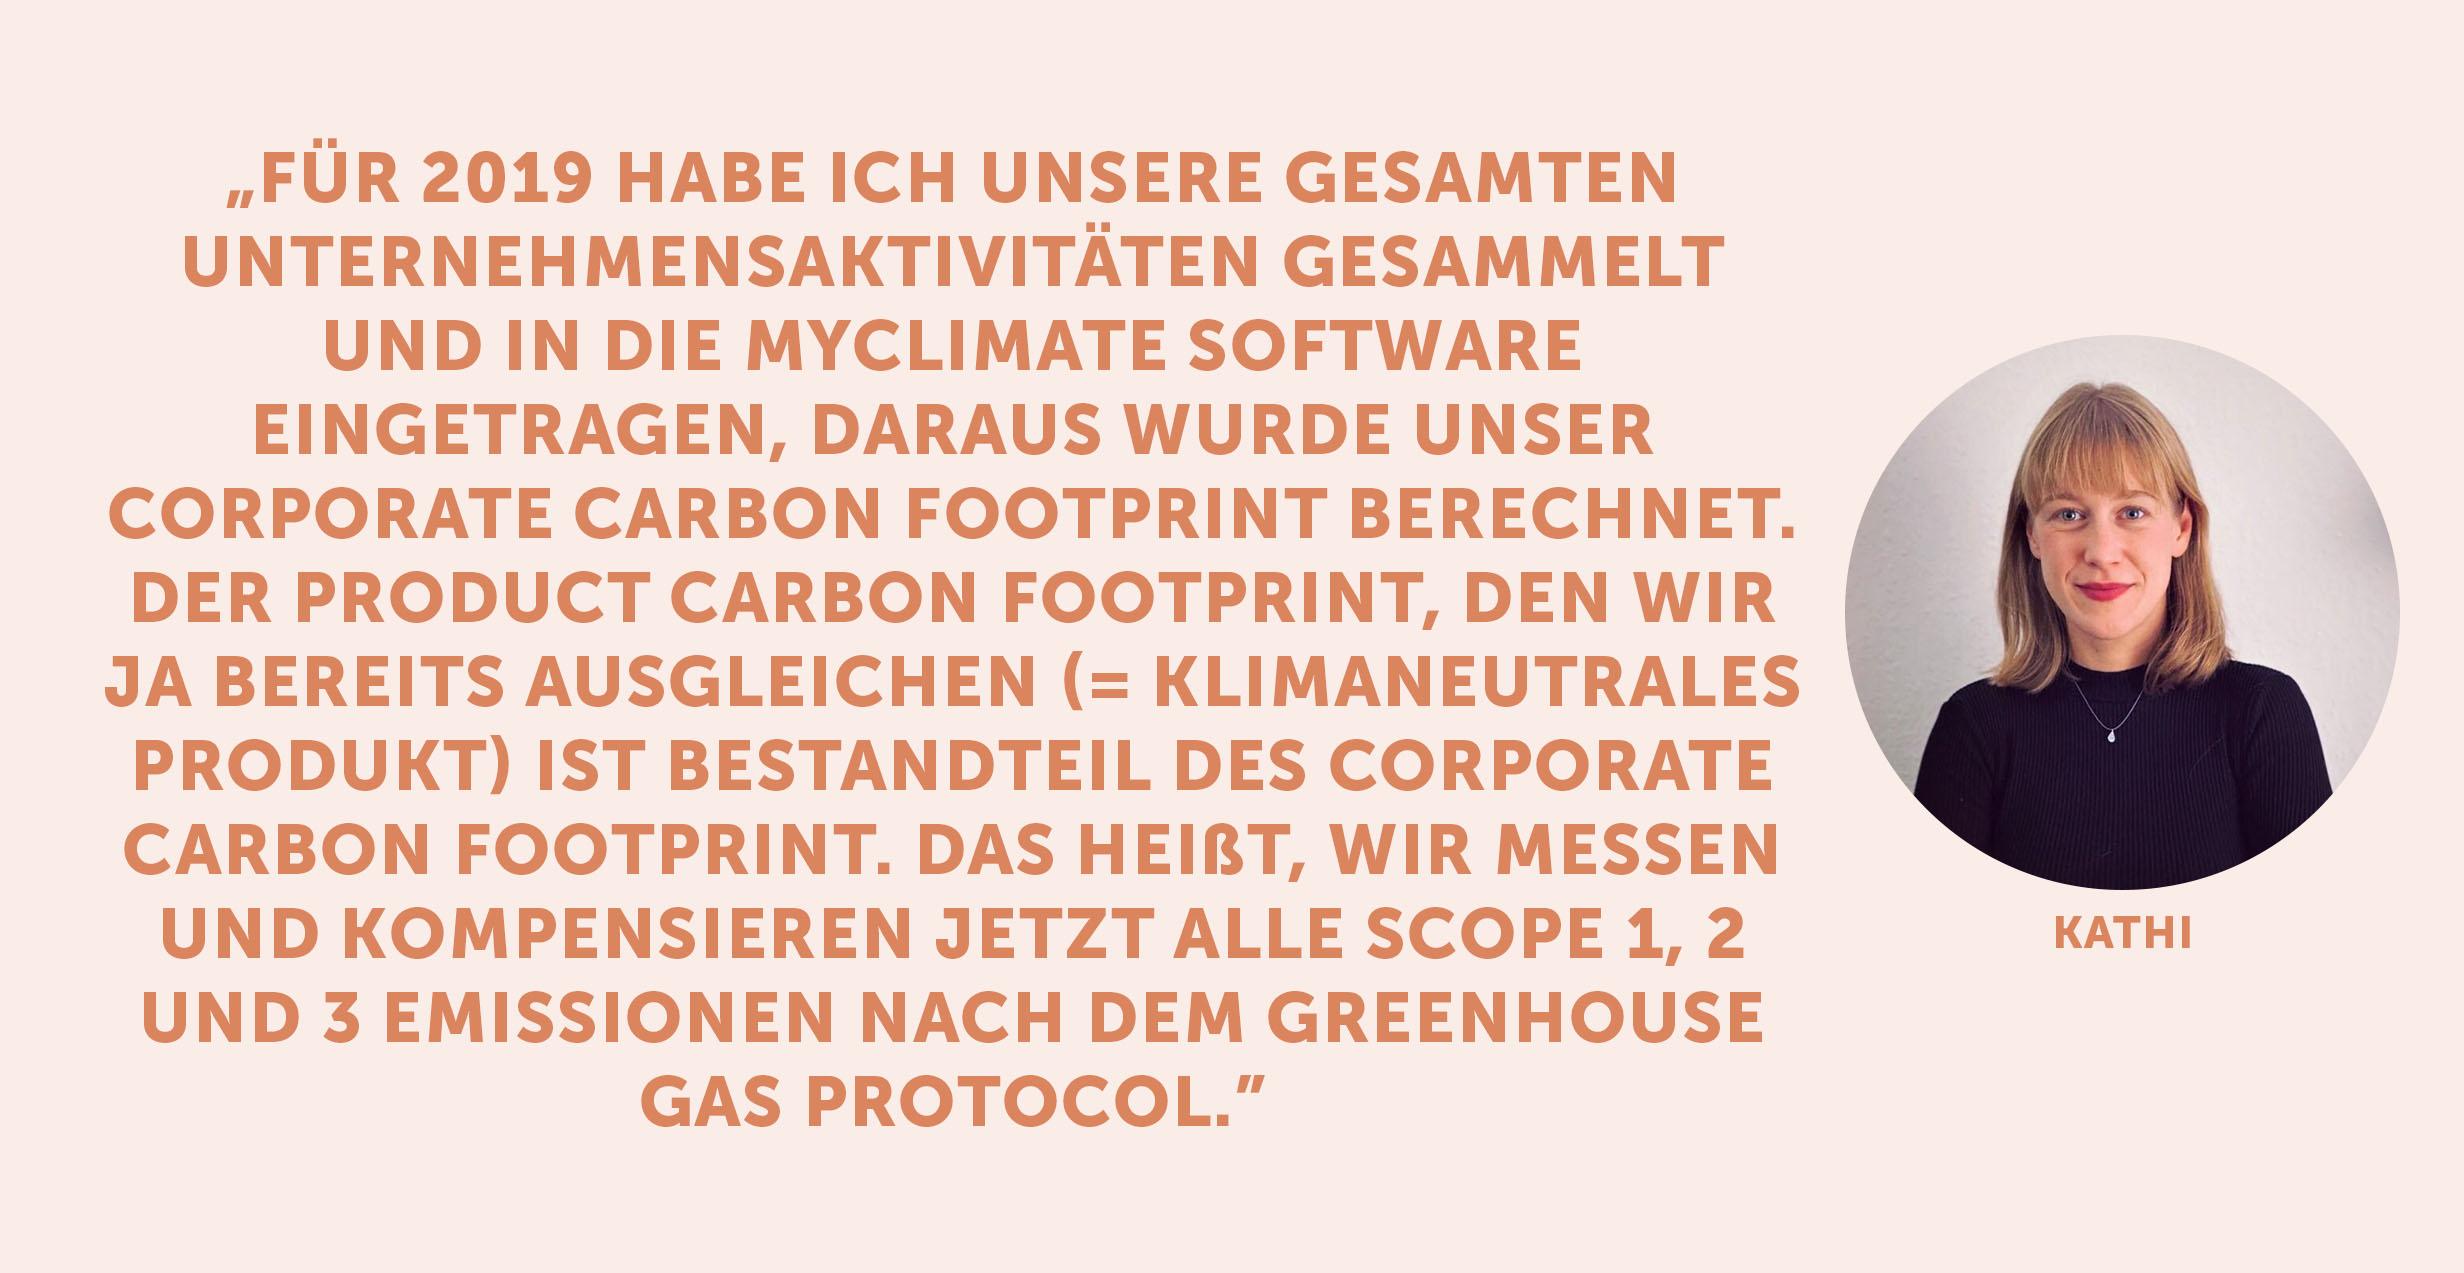 blogeintrag_klimaneutralZeichenflache-2